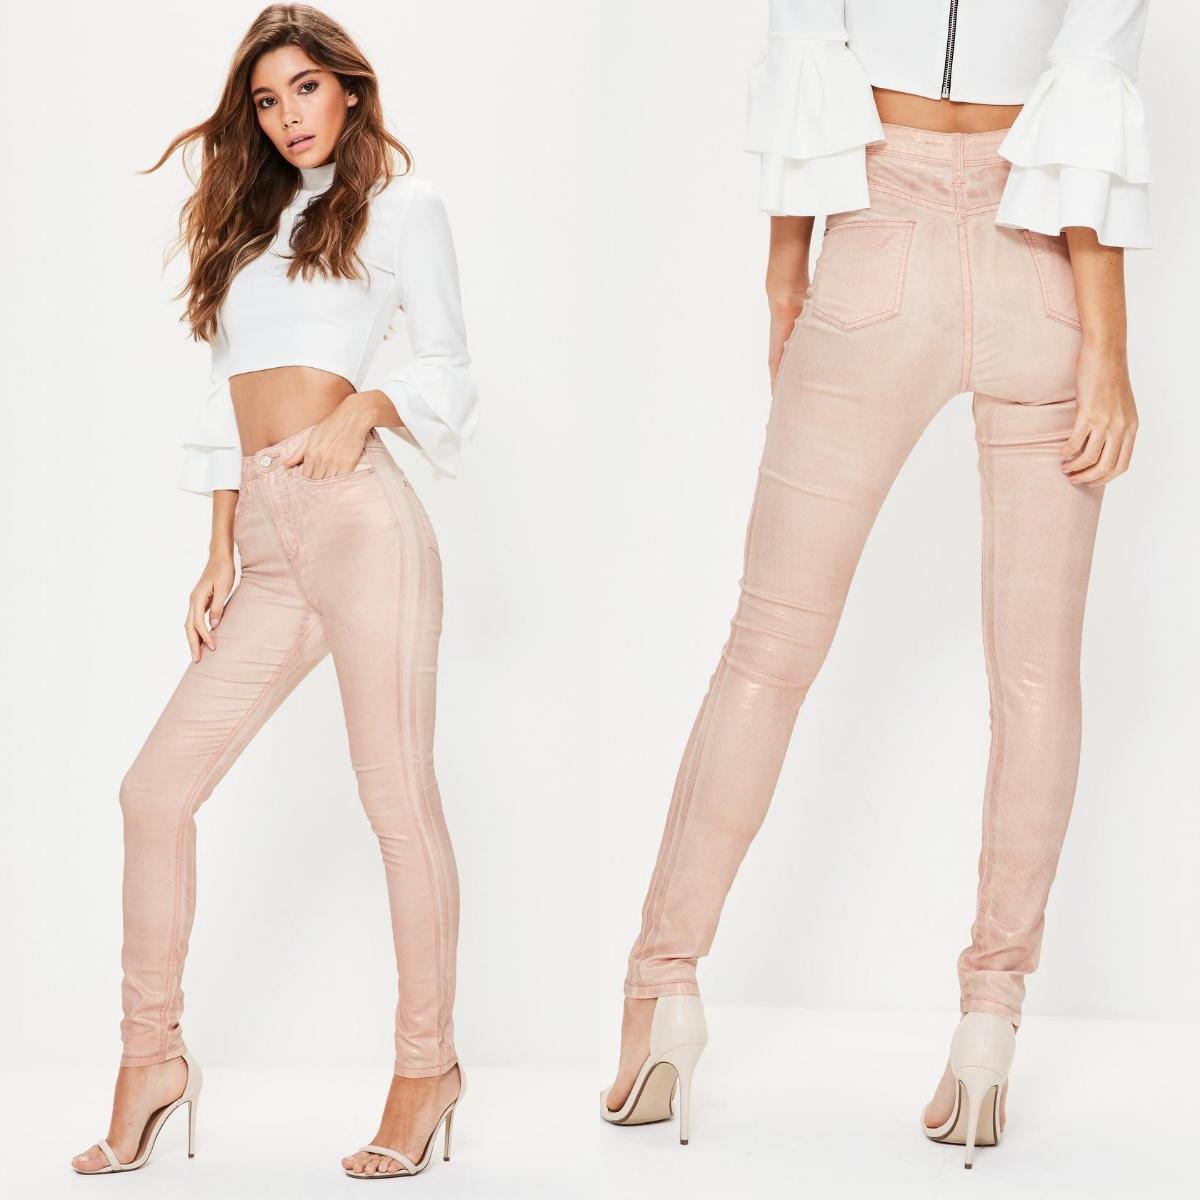 bb9e4ee302aef spodnie pudrowy róż metaliczne rurki missguided - 7346918540 ...